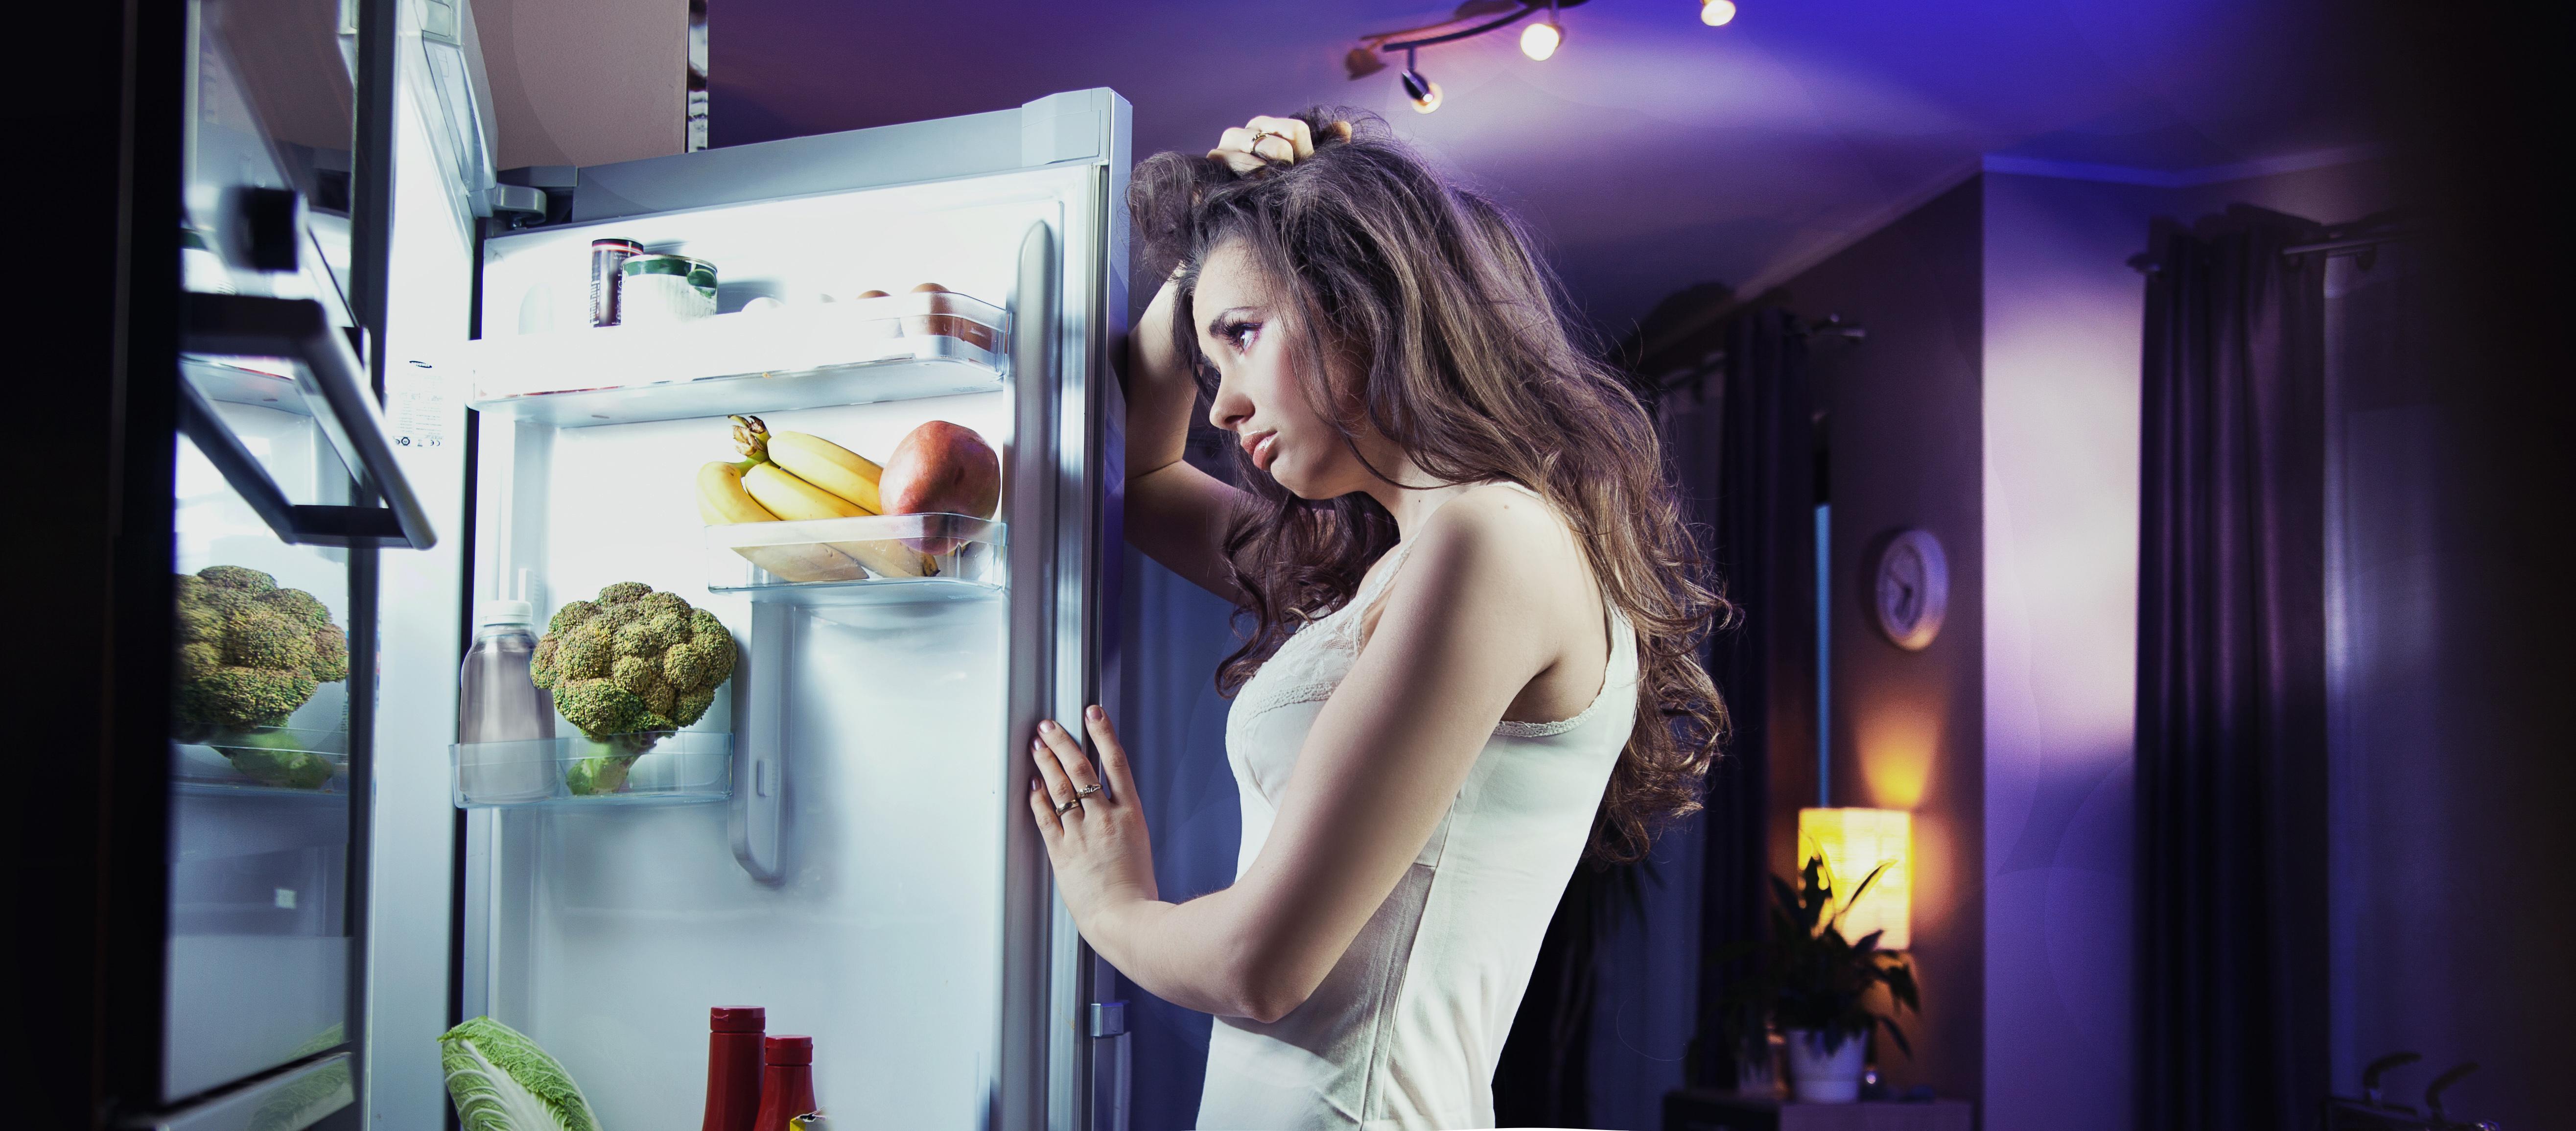 Что делают девушки по ночам в фото 2 фотография